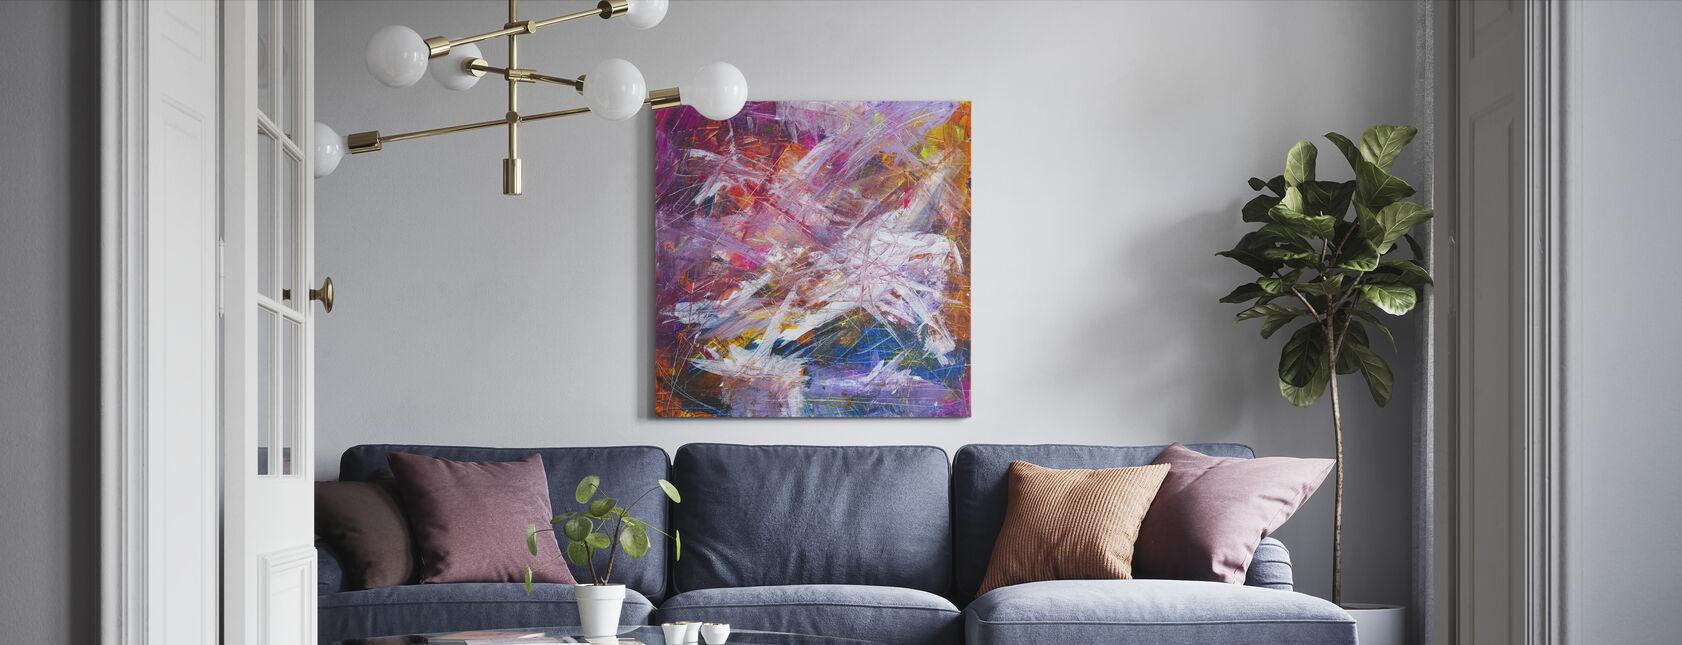 Abstract Schilderij - Canvas print - Woonkamer